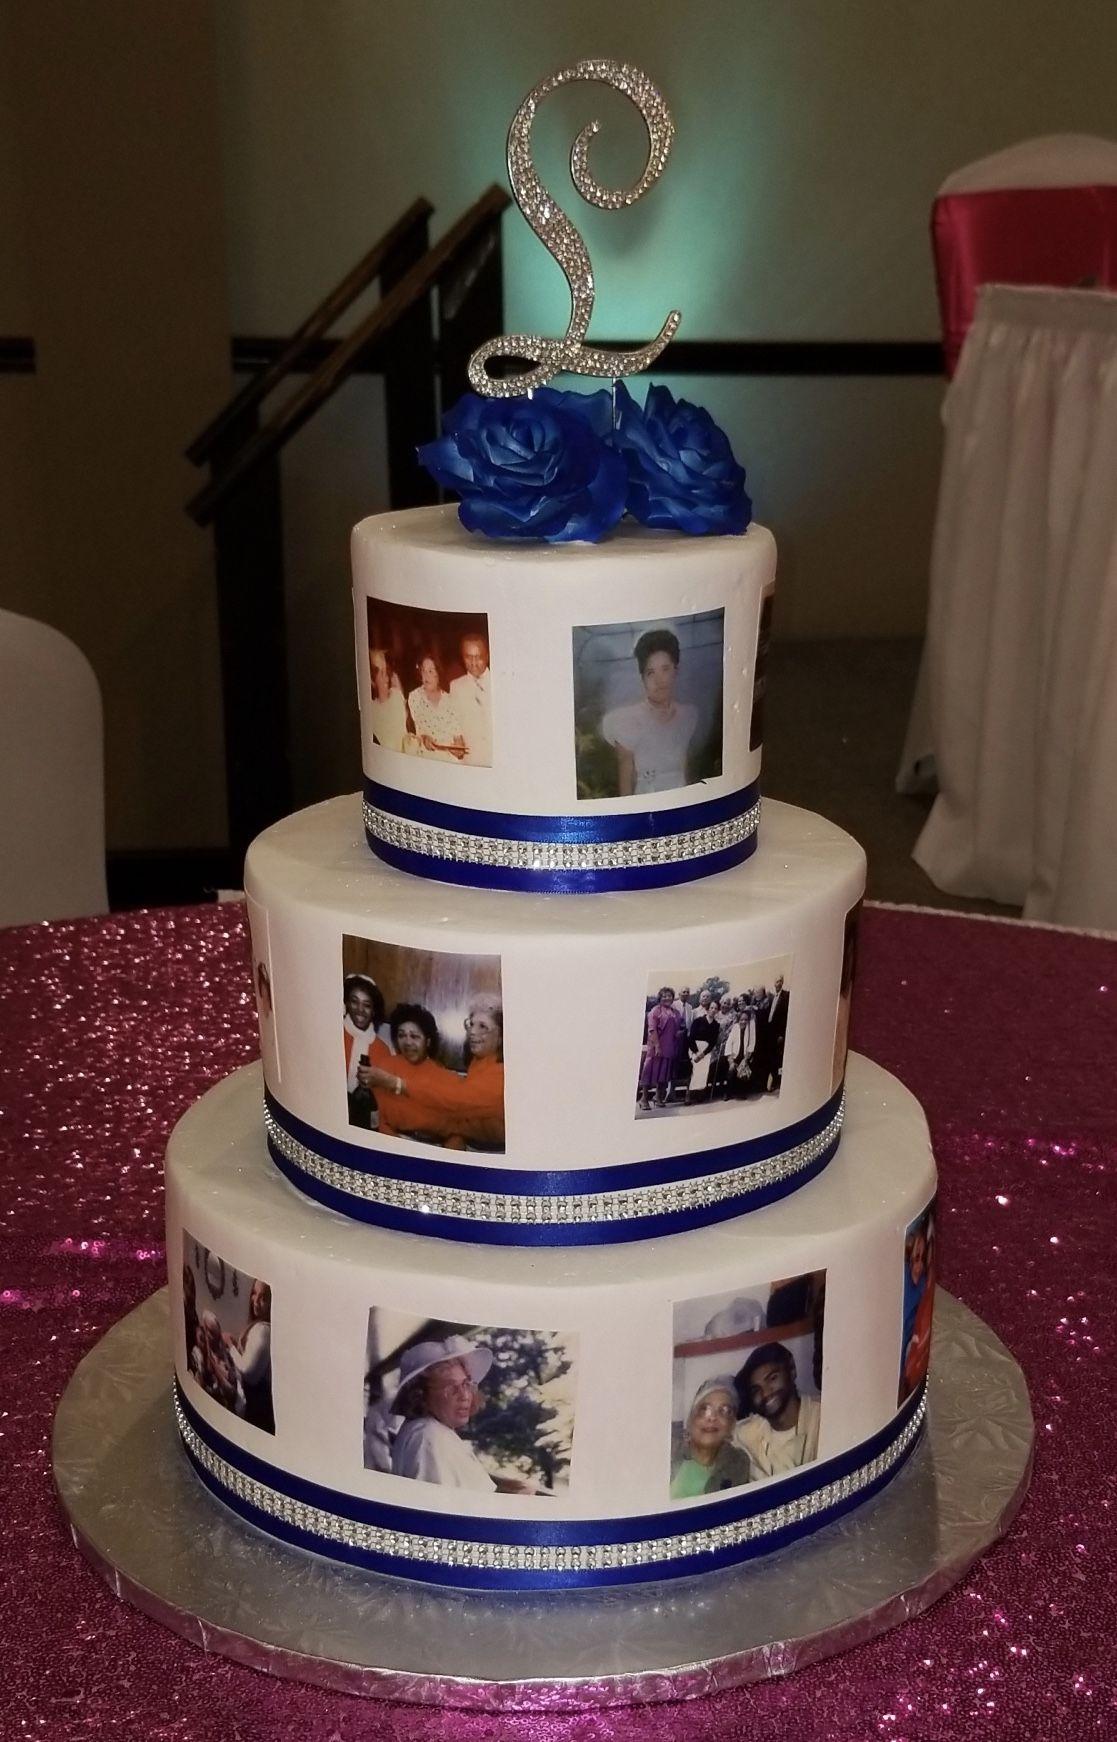 Astonishing Calumet Bakery Milestone Birthday Cake With Images Milestone Personalised Birthday Cards Epsylily Jamesorg